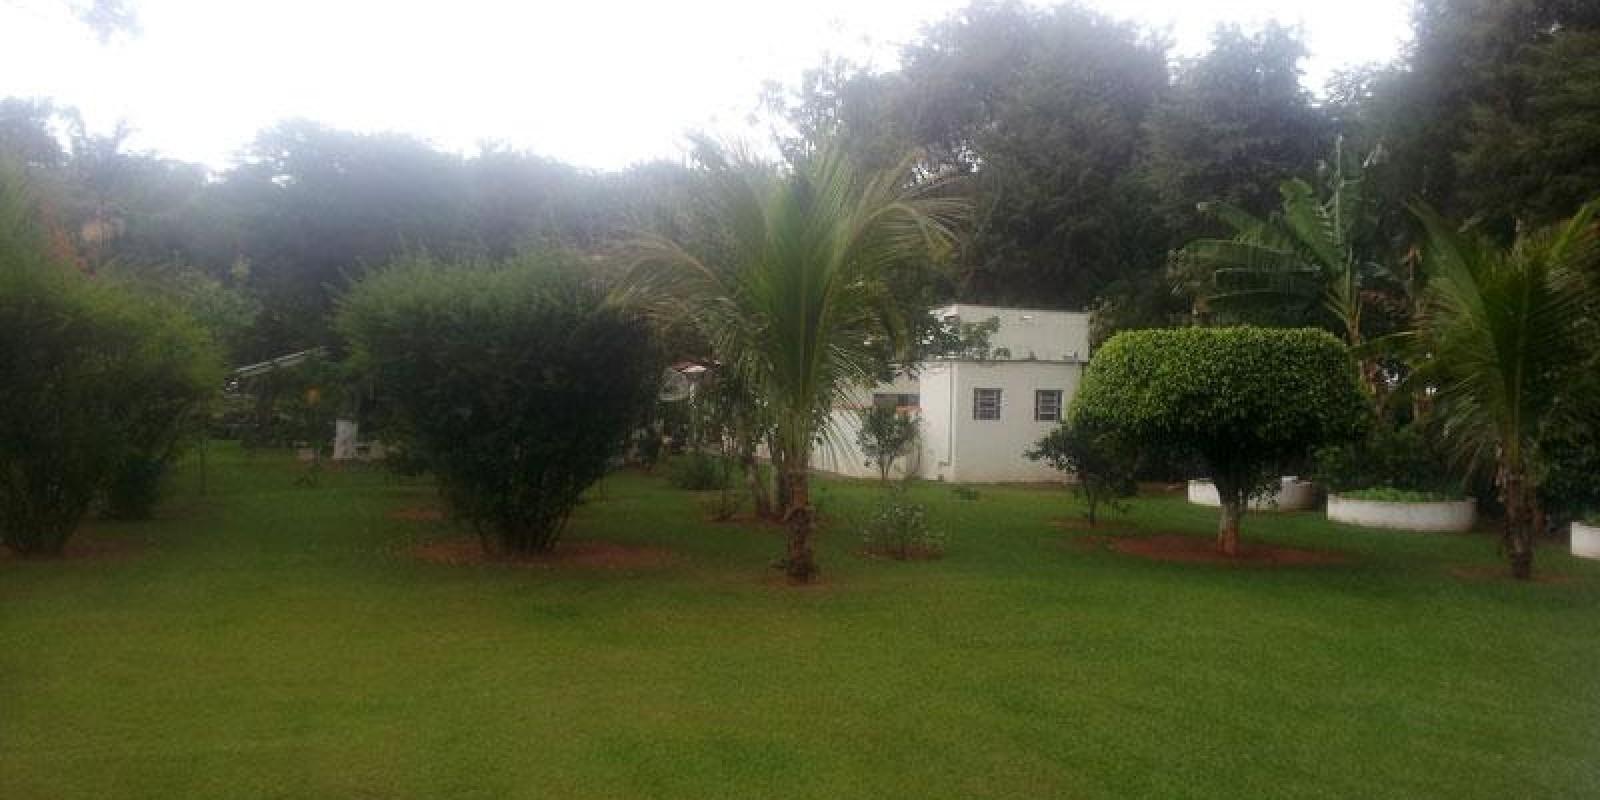 Casa na Represa Costa Azul em Avaré SP - Foto 5 de 20